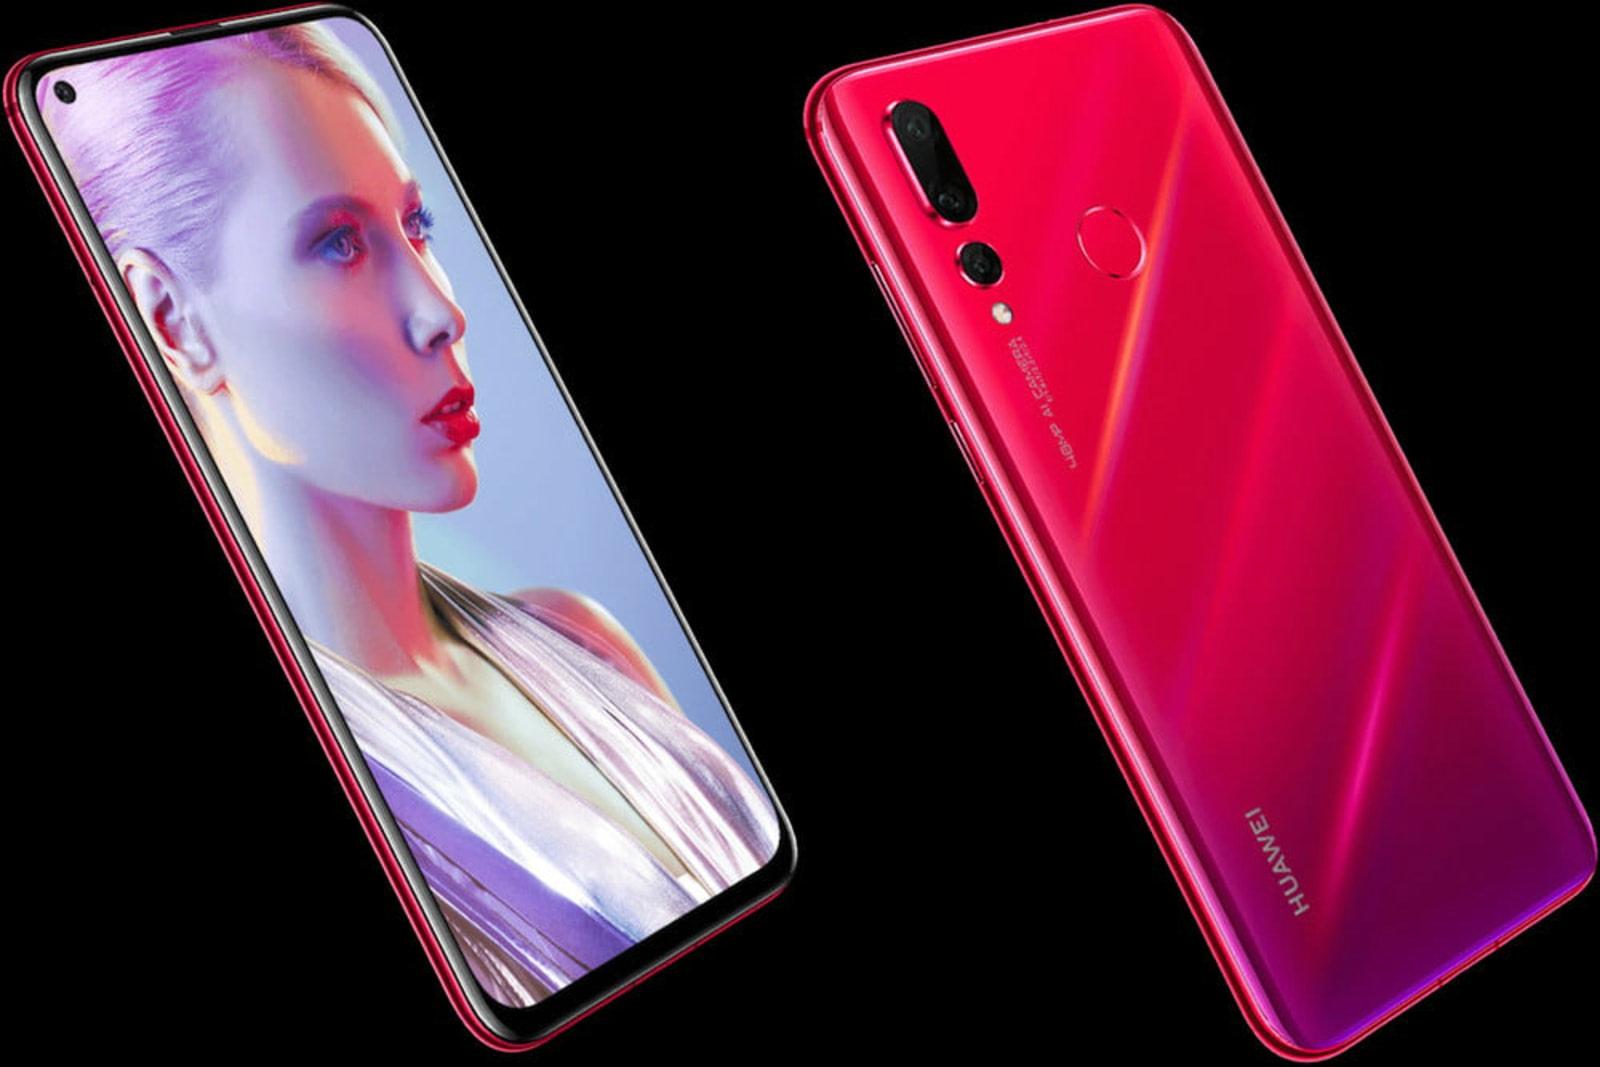 Huawei в 2018 году. Совершенство смартфонов и напряженные отношения